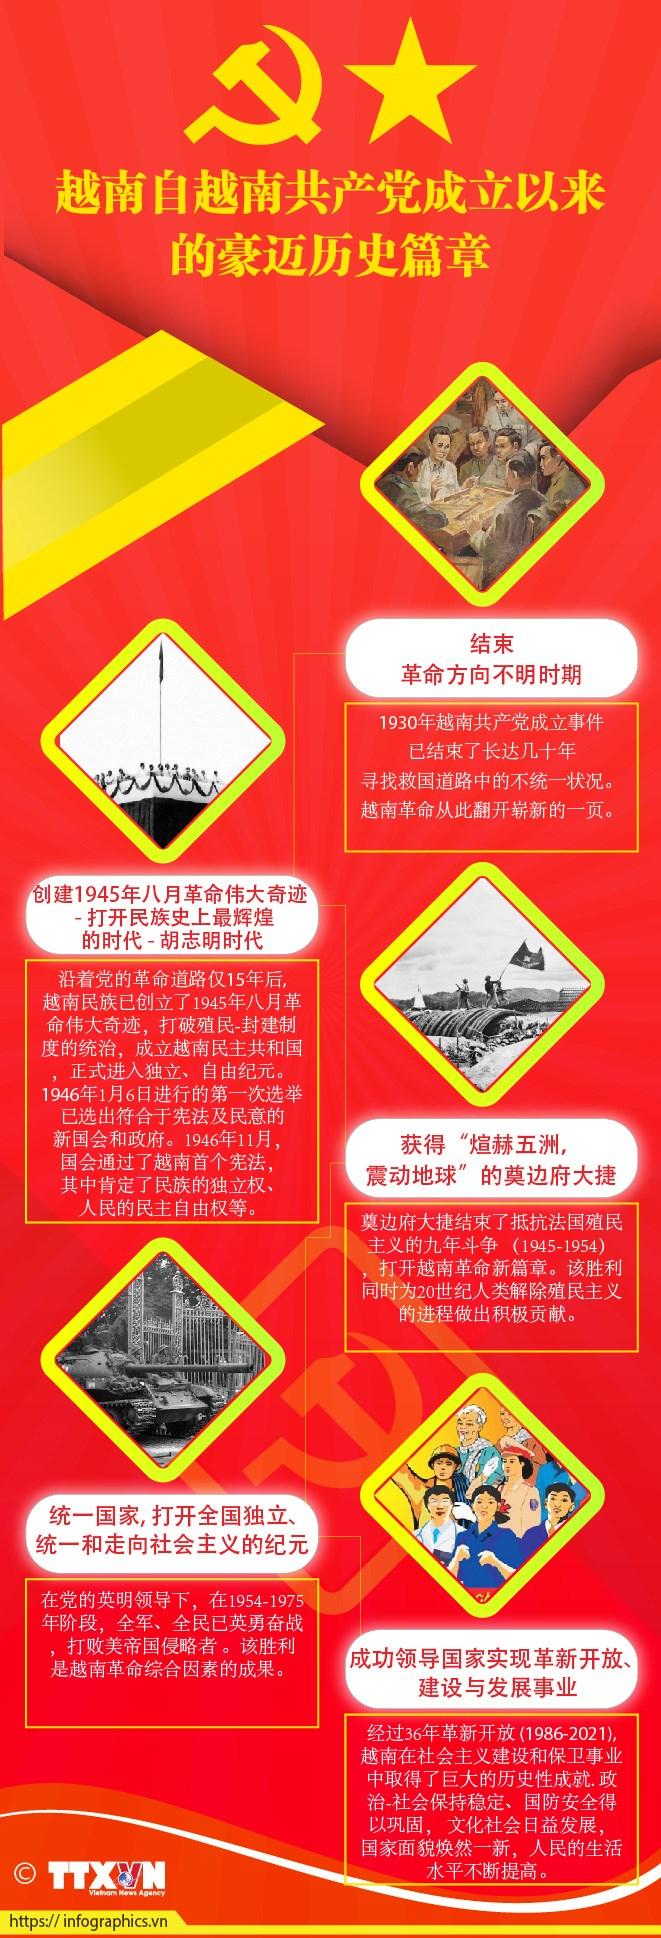 图表新闻:越南自越南共产党成立以来的豪迈历史篇章 hinh anh 1